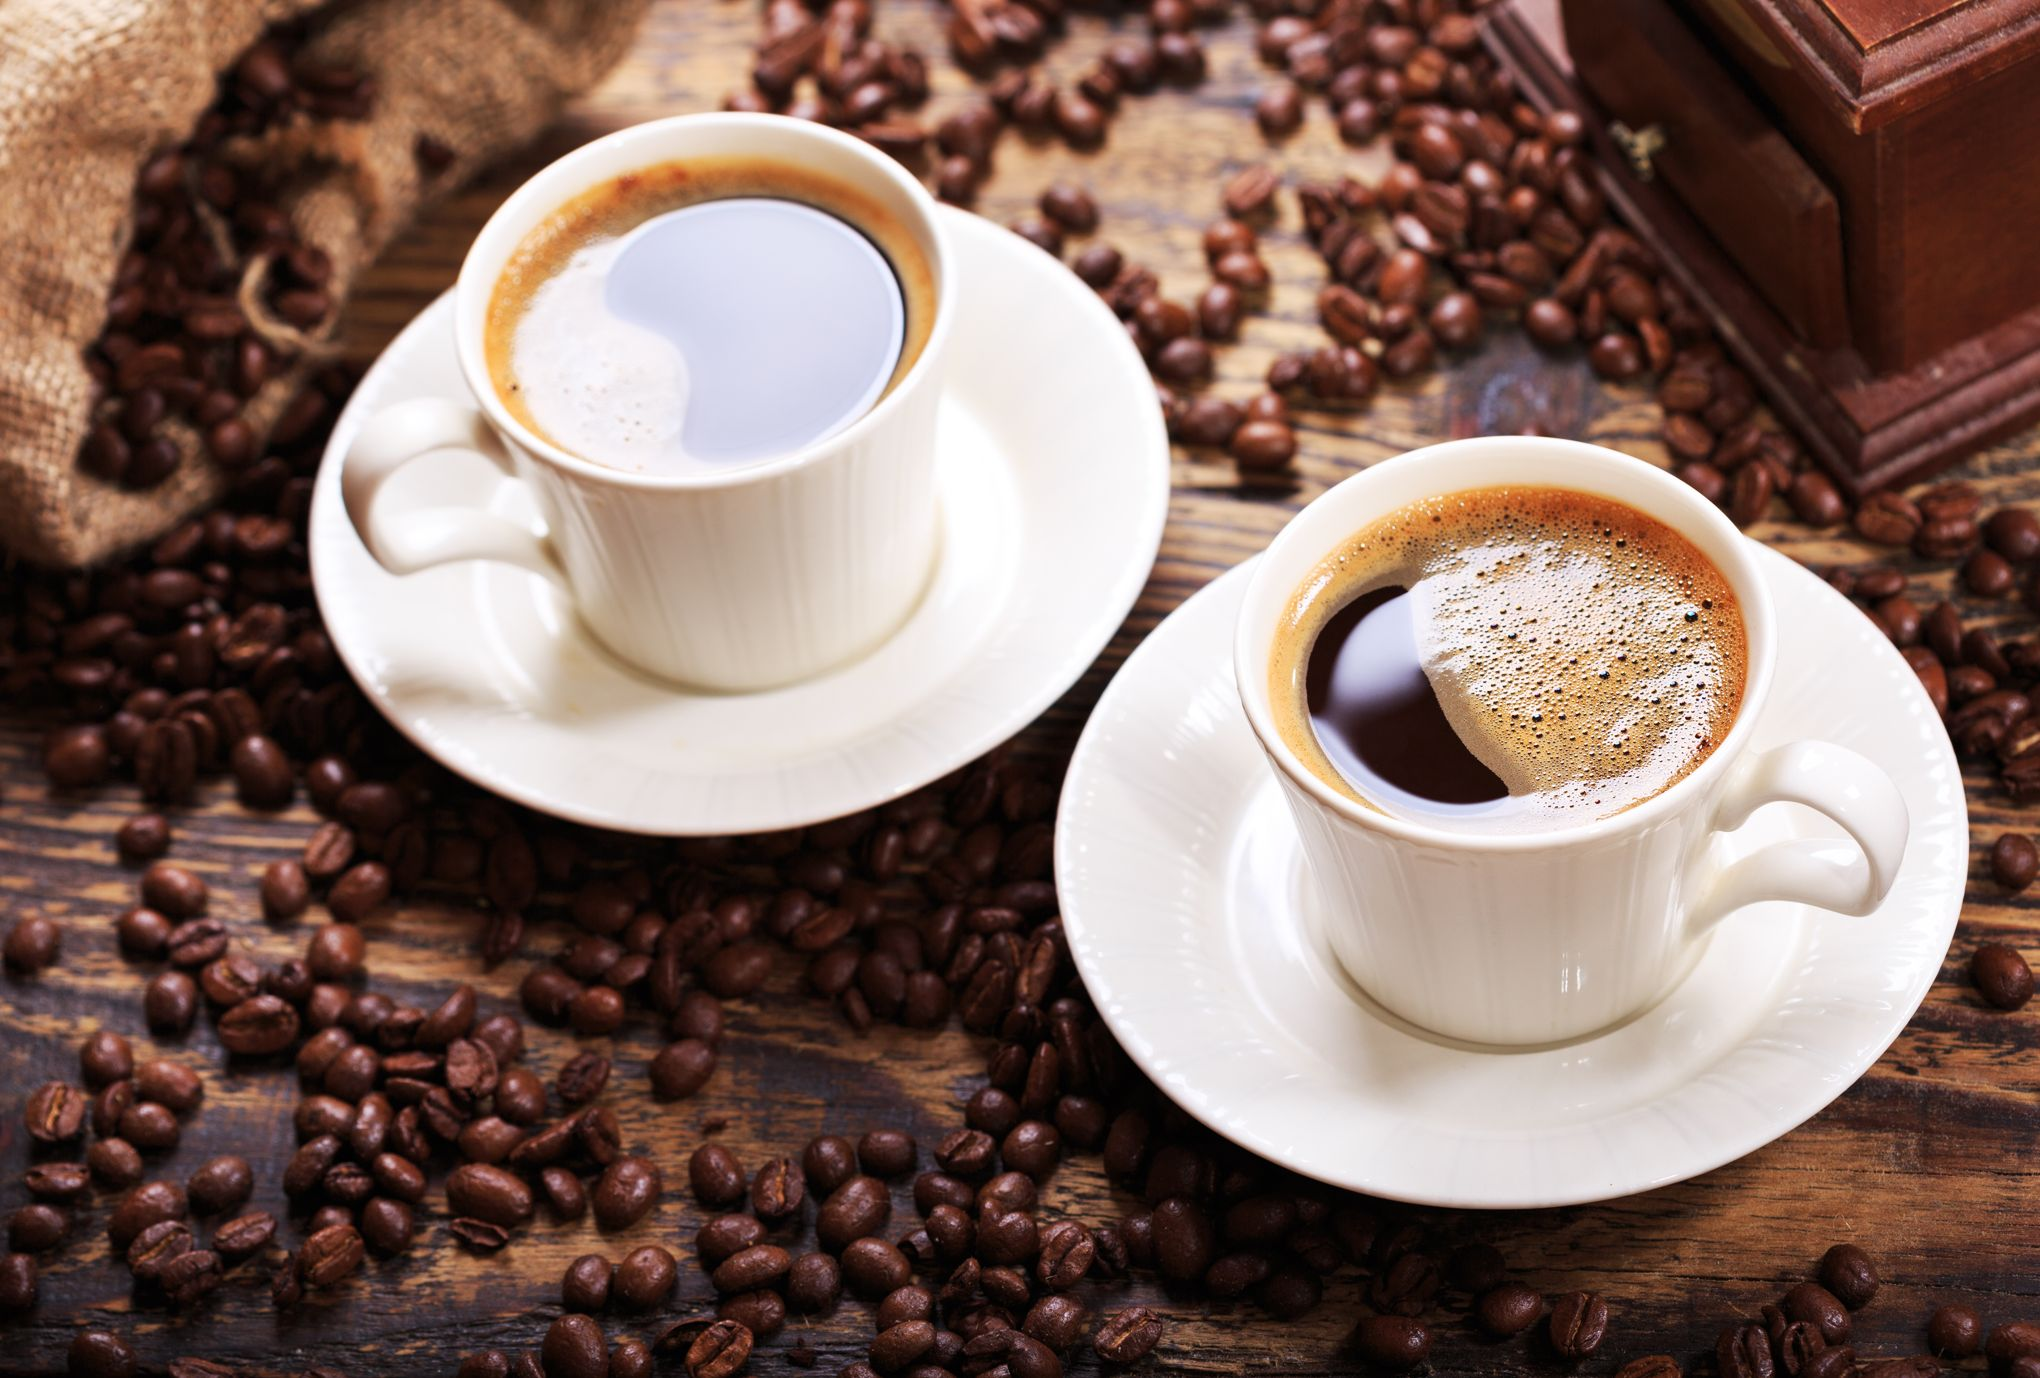 café sur la santé - image